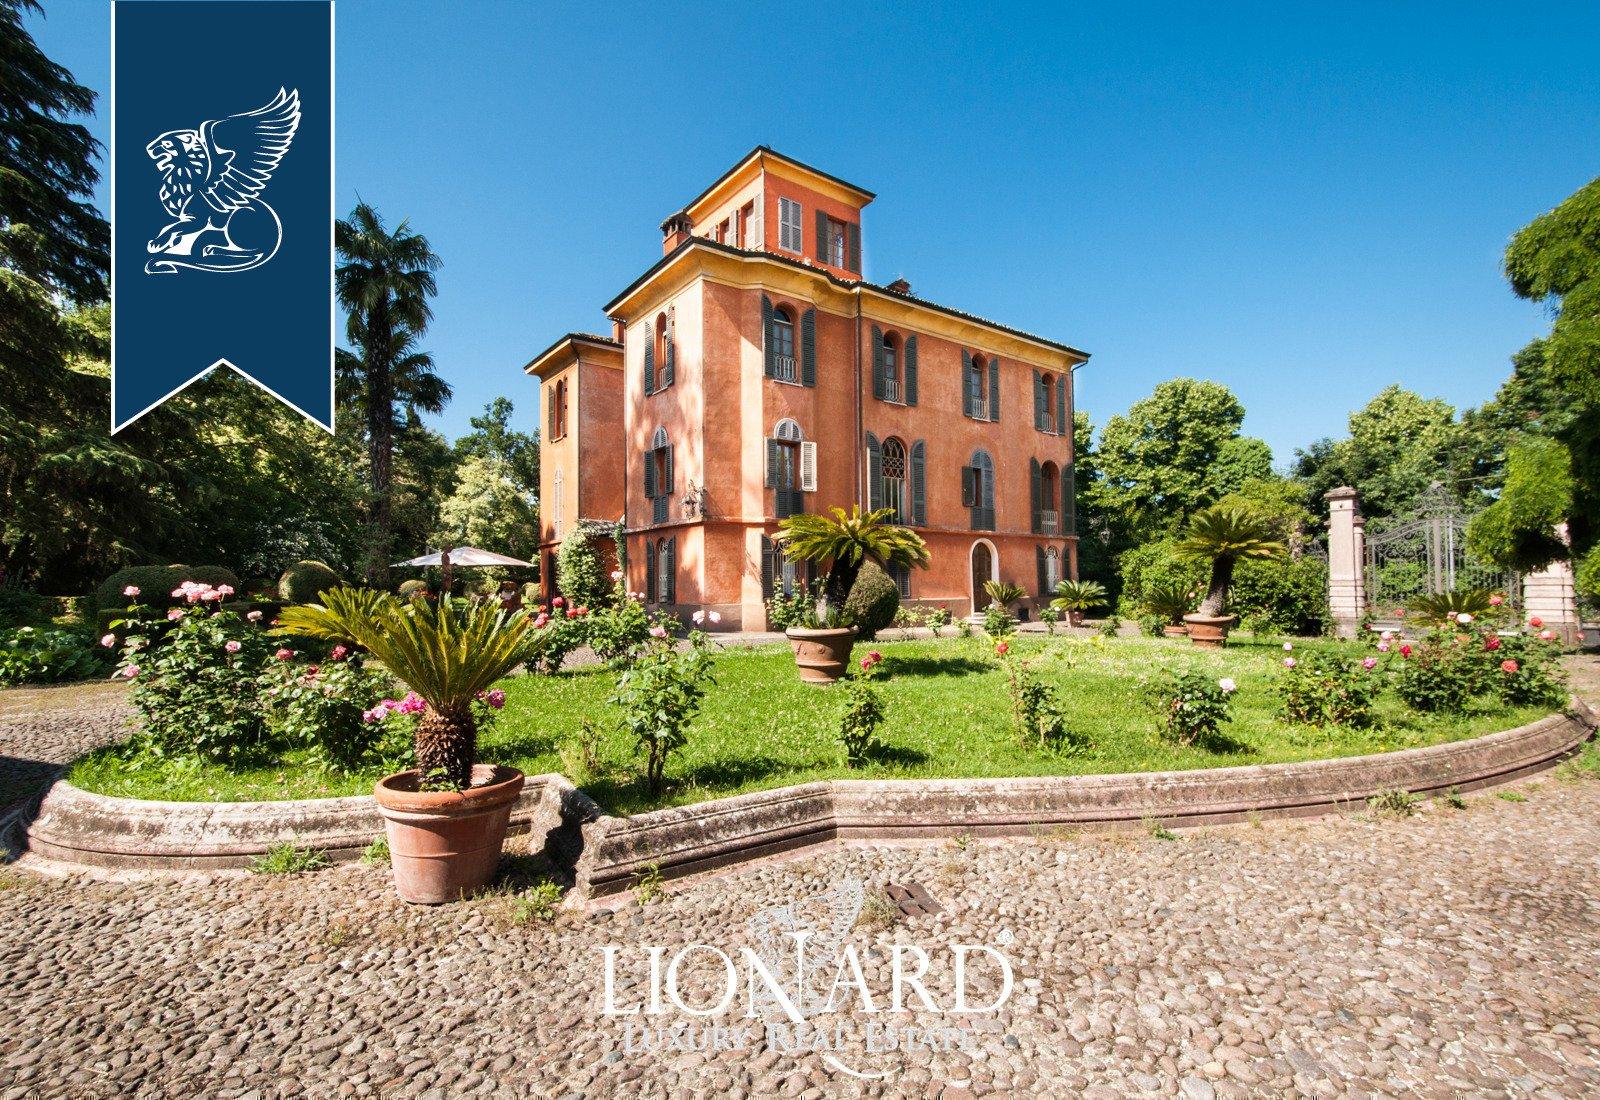 Villa in Crostolo-Pareto-Ponticelli, Emilia-Romagna, Italy 1